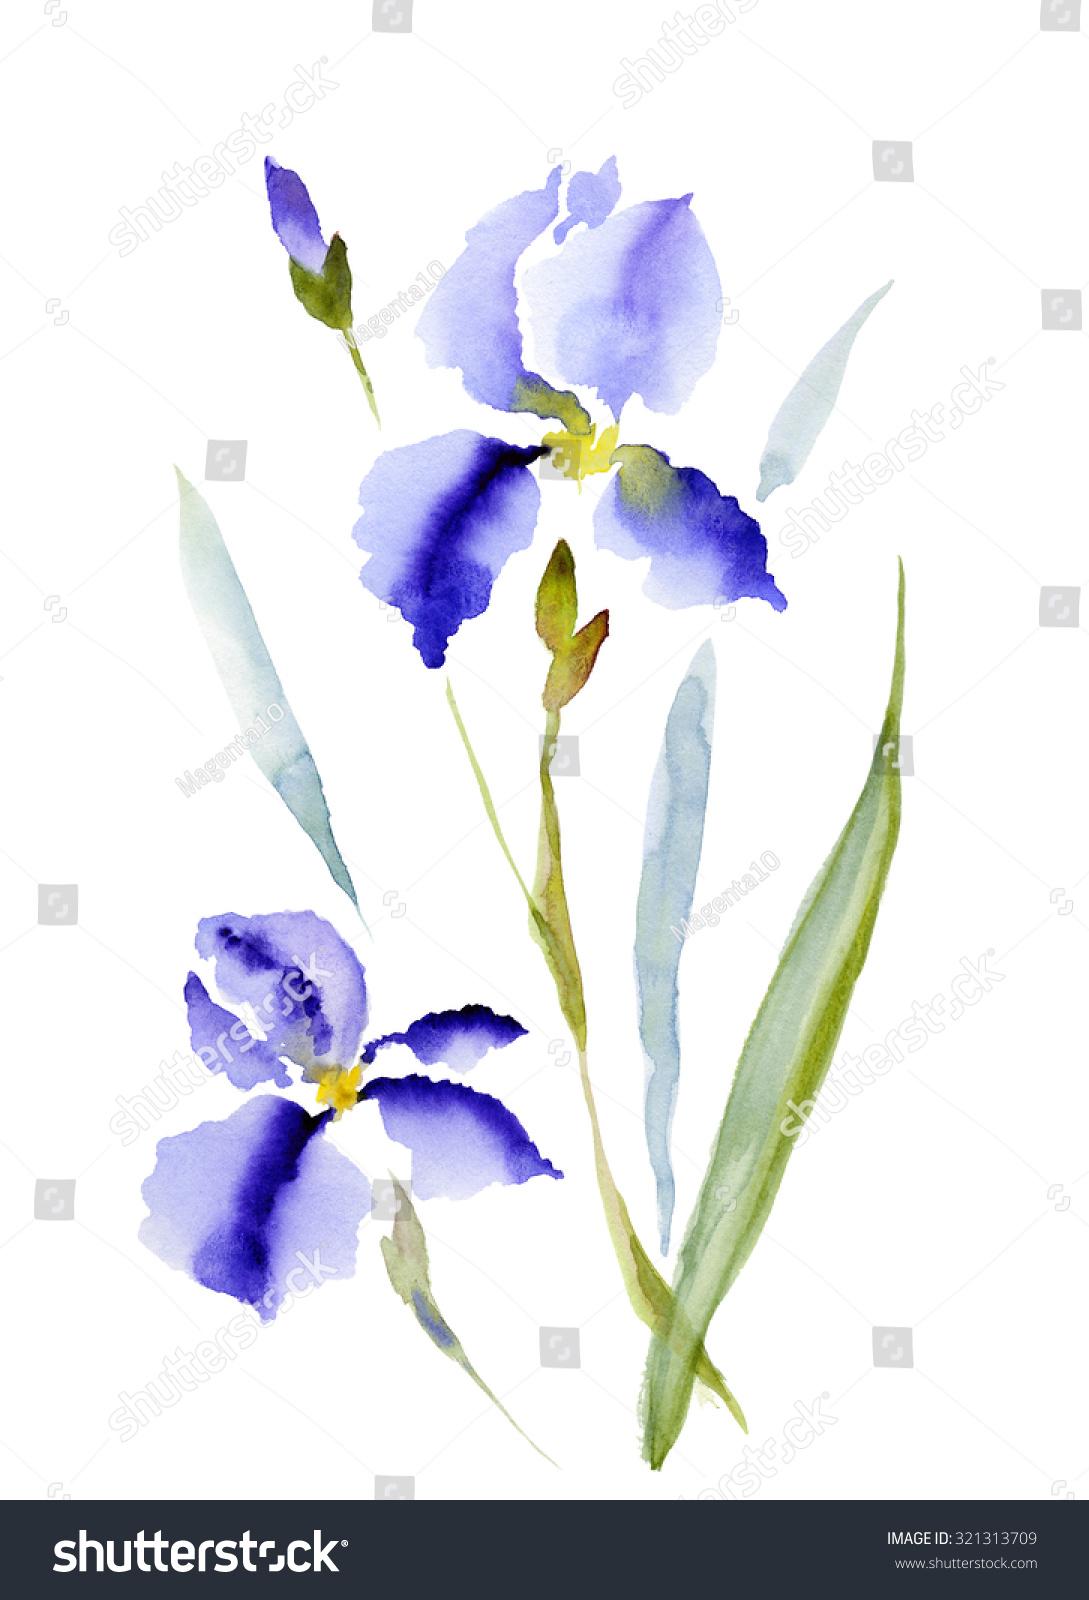 菖蒲,鸢尾,手绘水彩花白色隔离,栅格图-艺术,自然-()